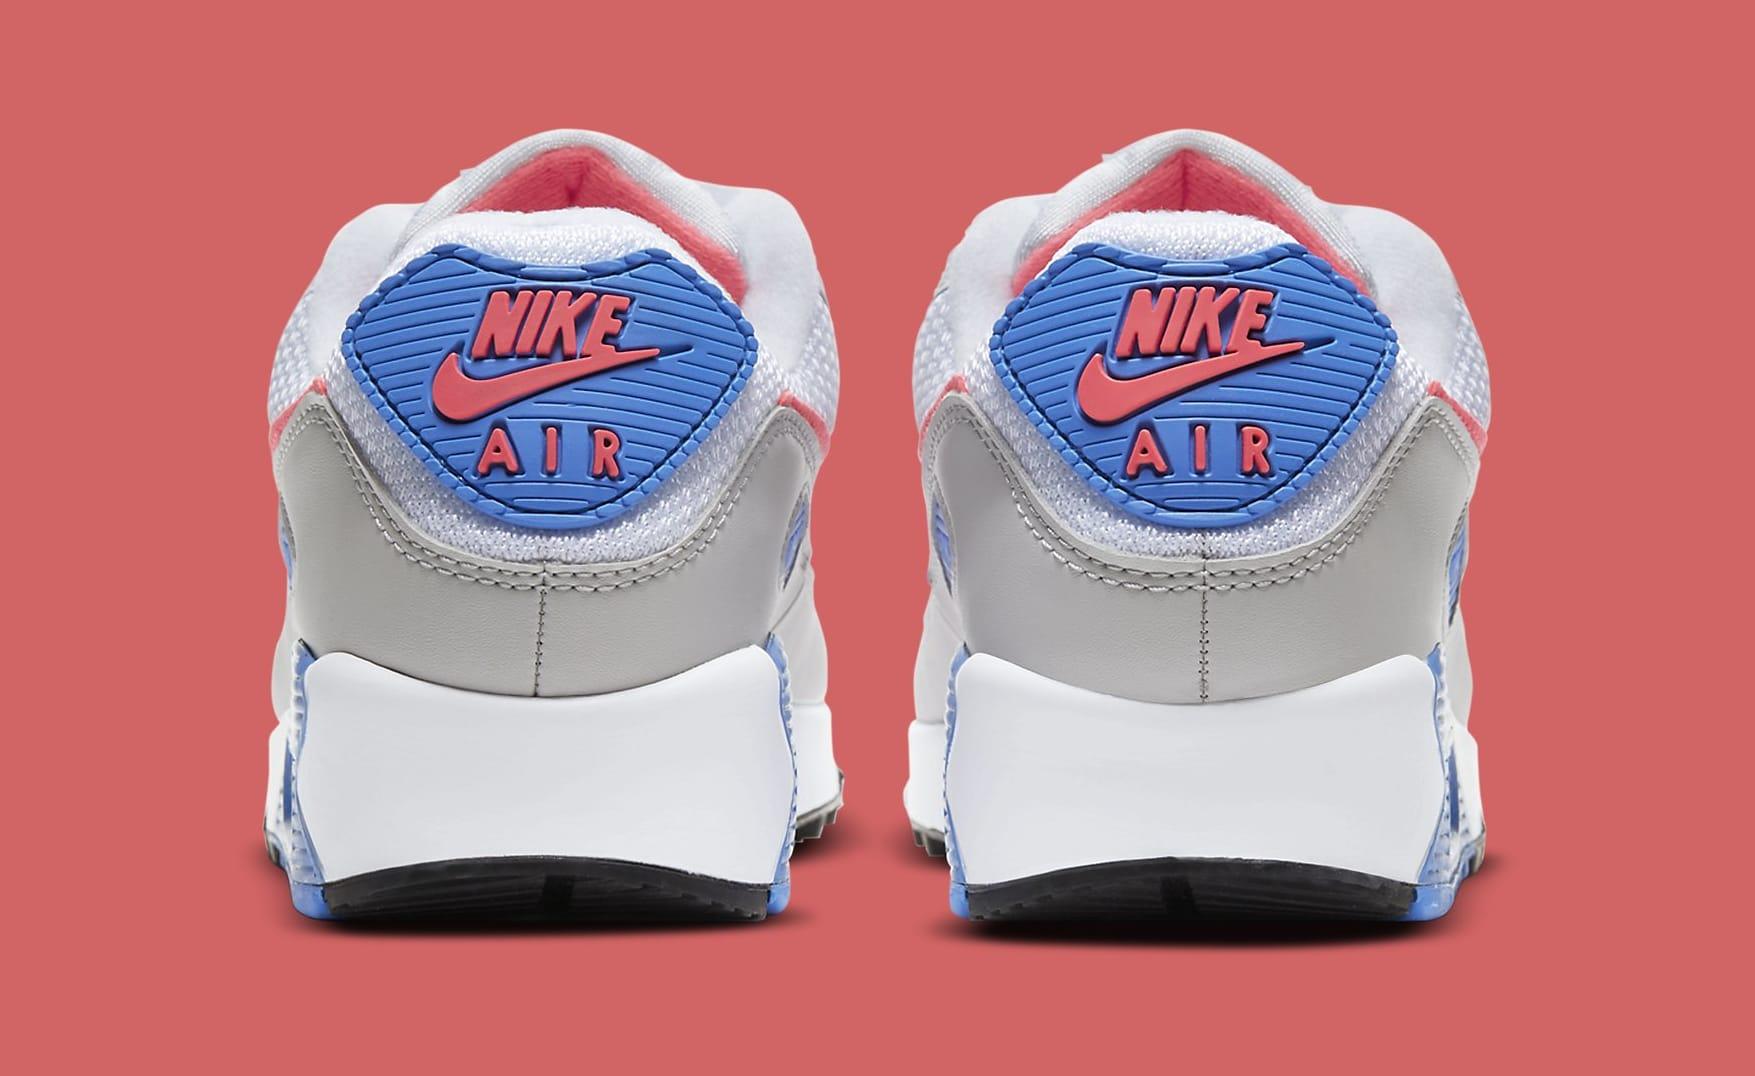 Nike Air Max 90 'Hot Coral' DA8856-100 (Heel)